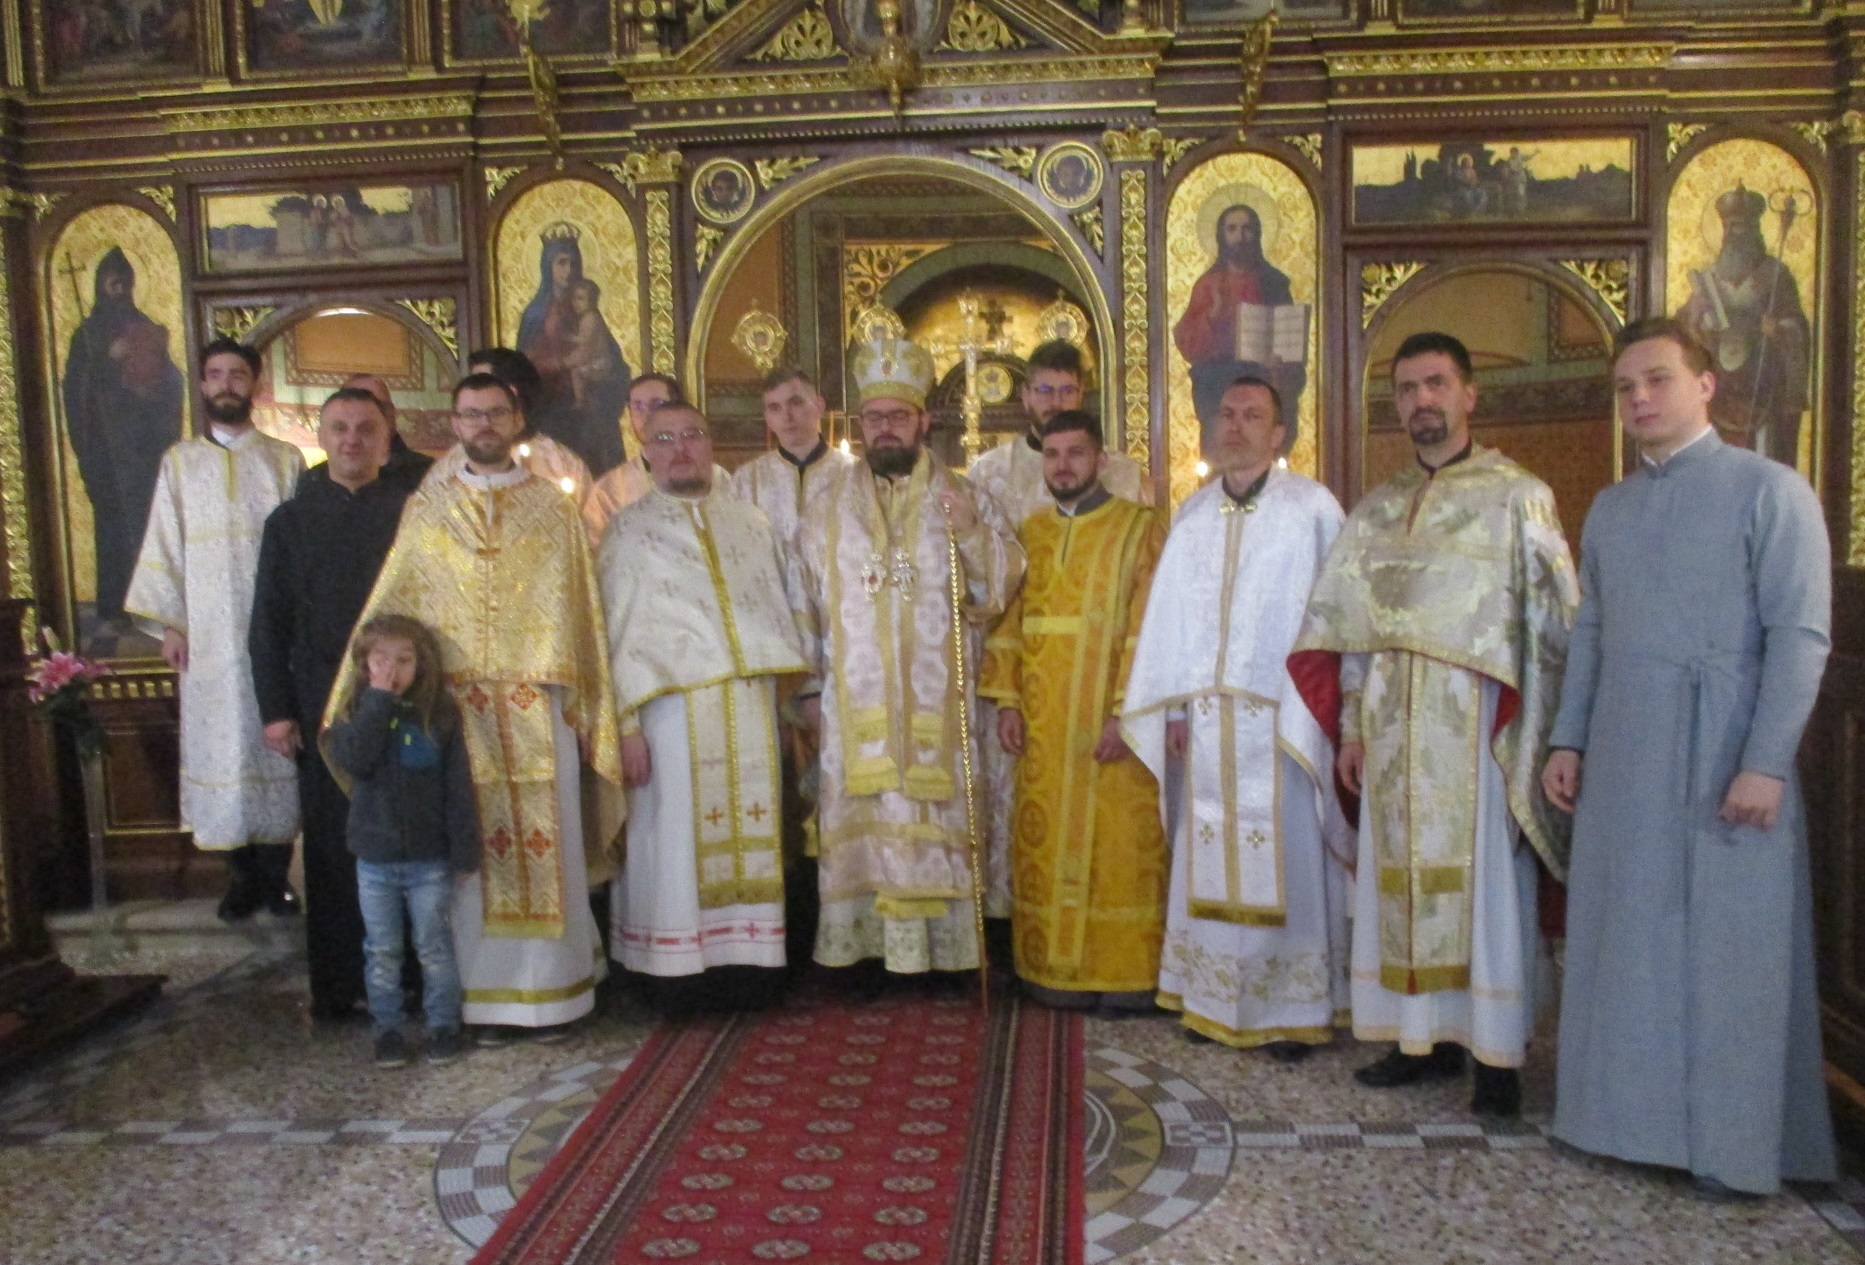 Ivan Skalivski zaređen za đakona Križevačke eparhije